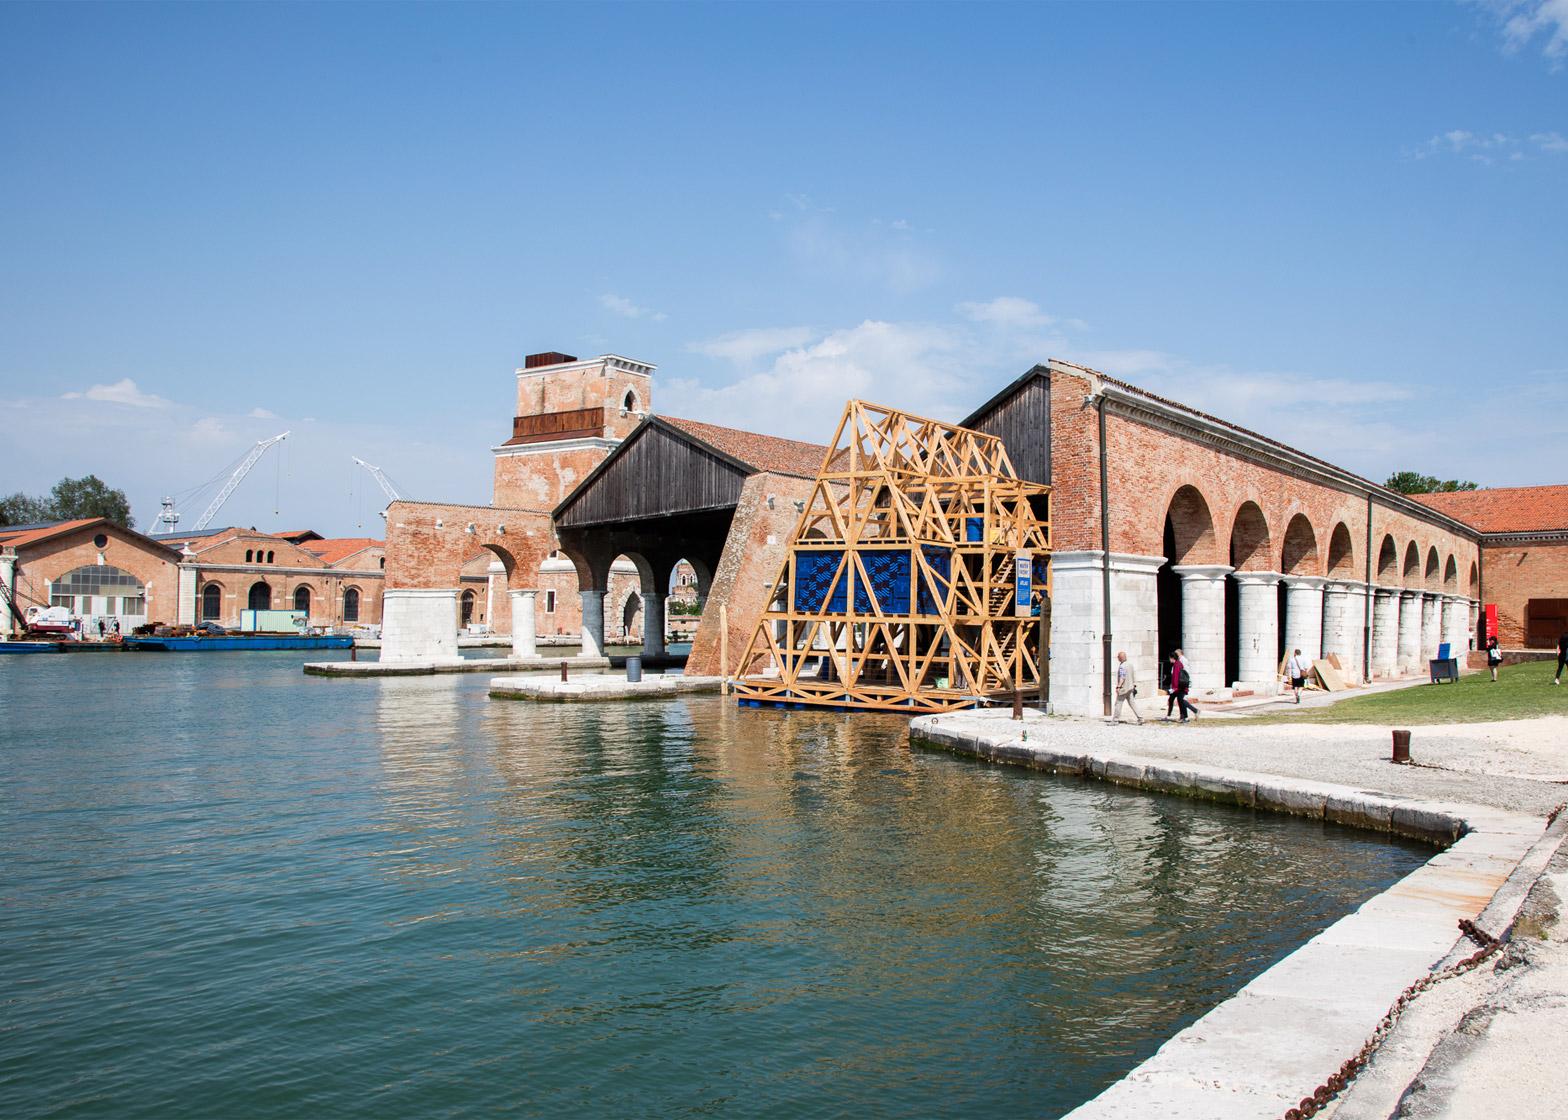 Floating school kunle adeyemi venice architecture biennale 2016 luke hayes dezeen 1568 3